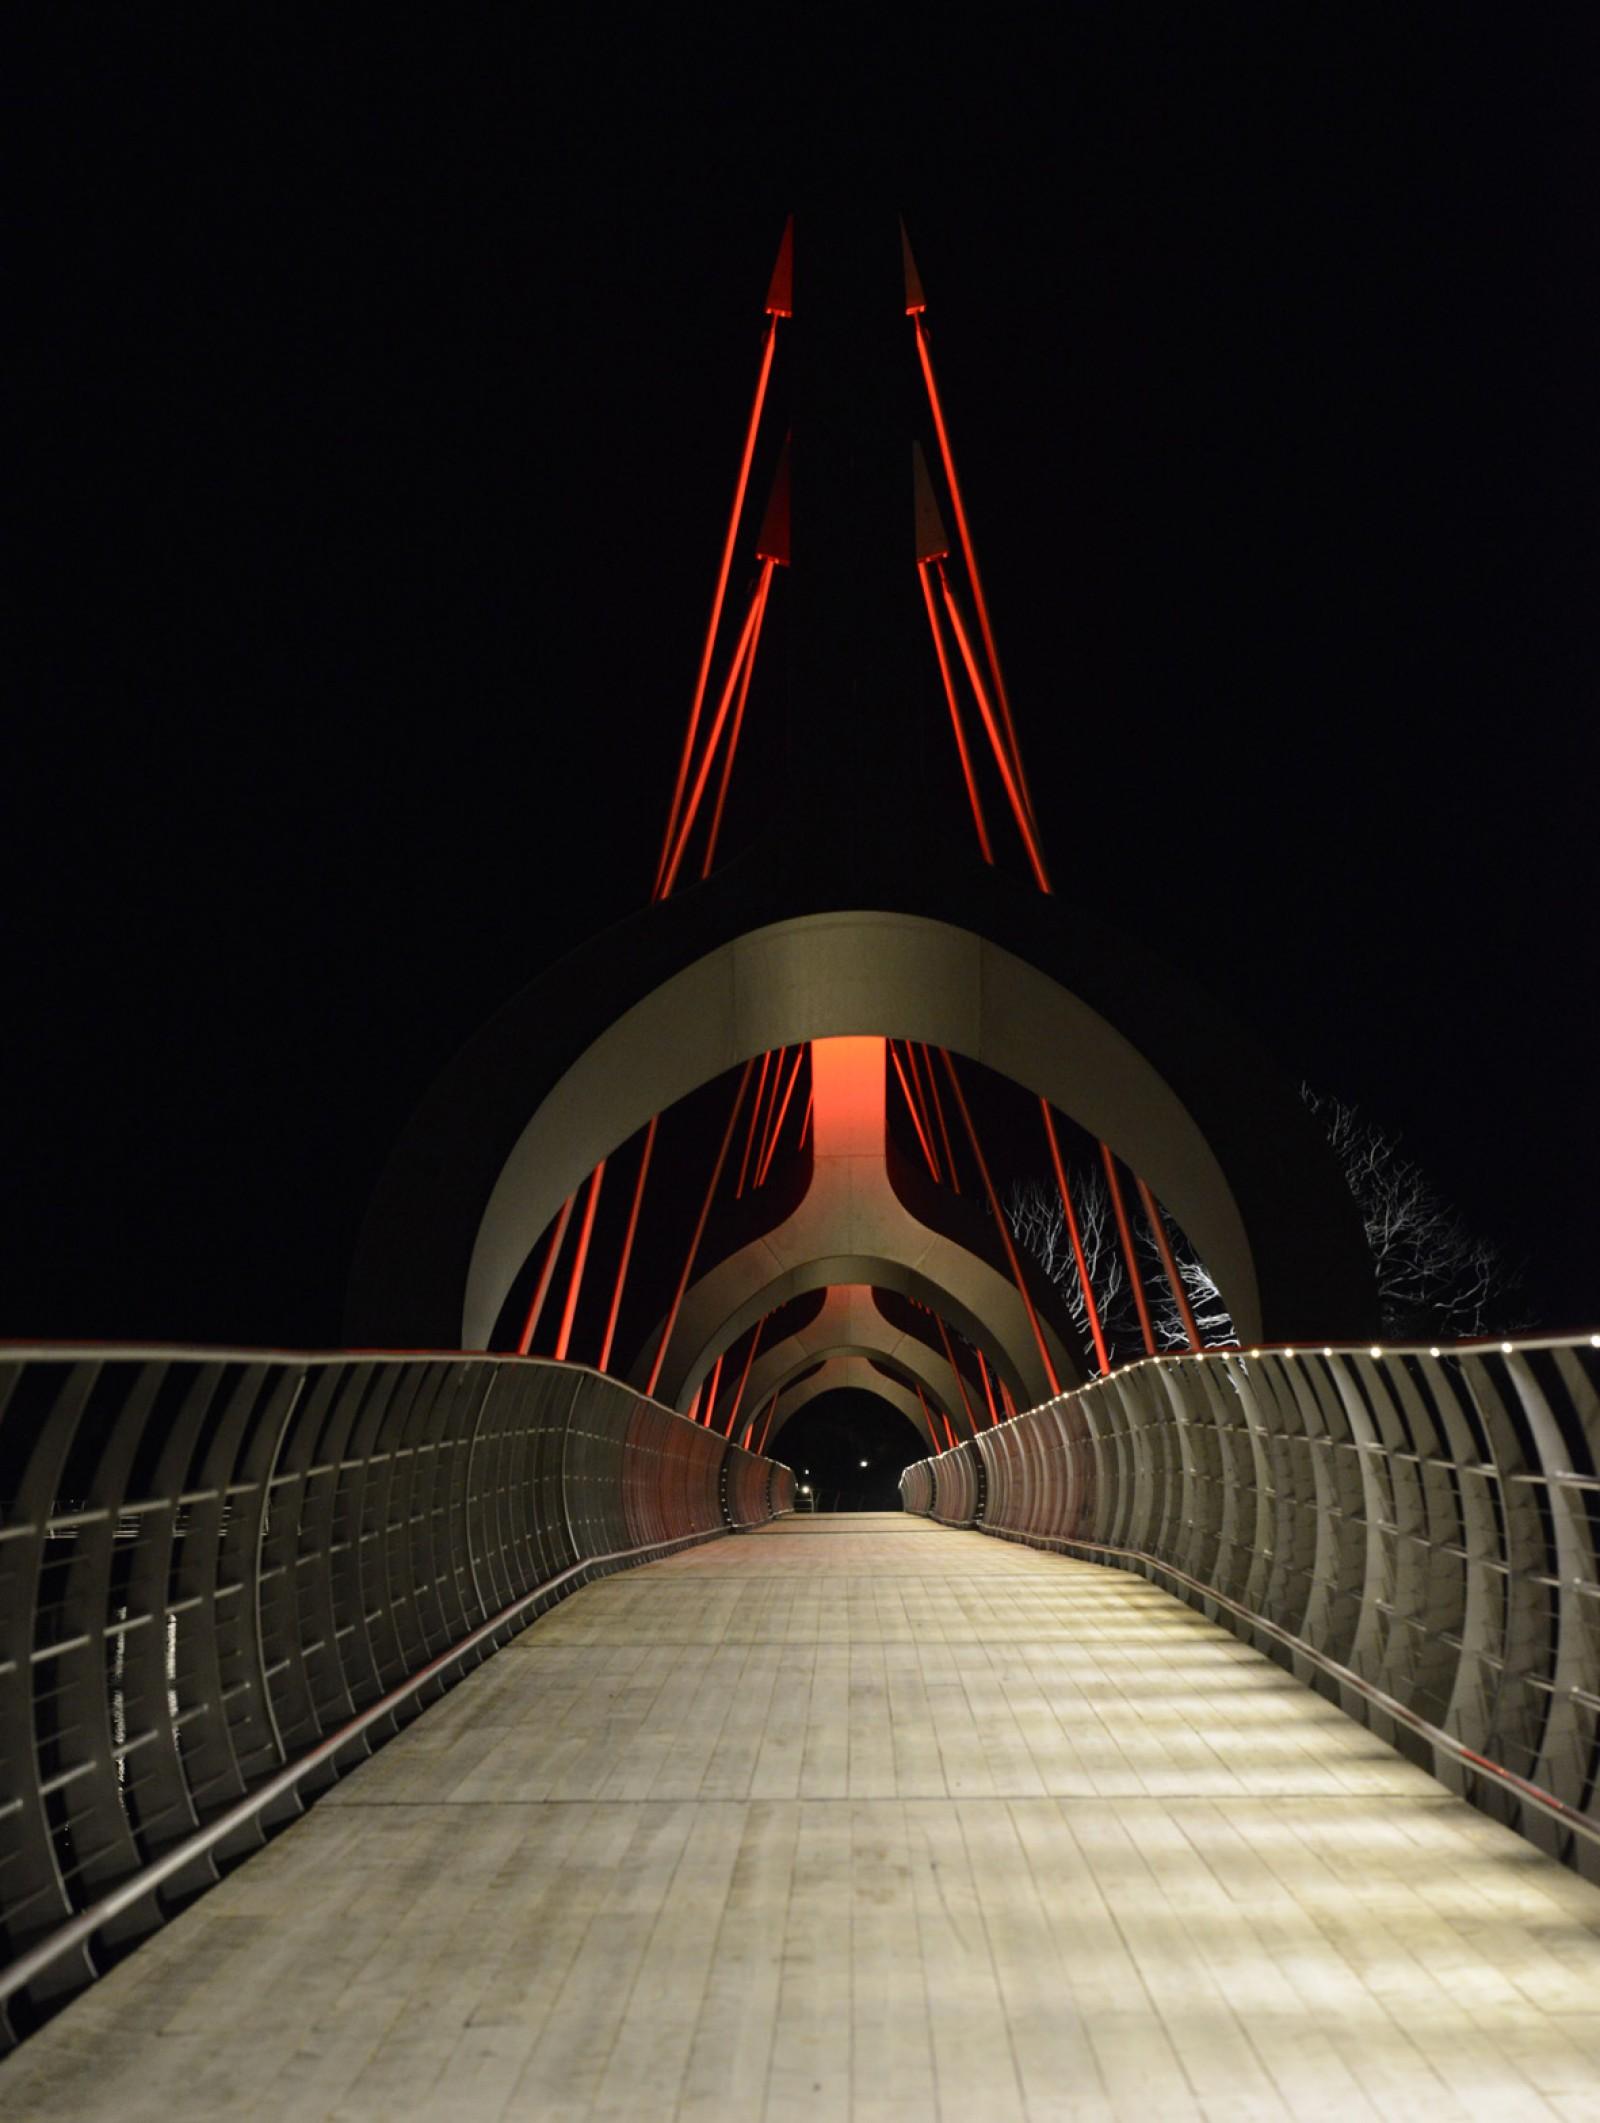 <h1>Ljuspriset 2014</h1><h4>Sölvesborgsbron fick 2:a priset när Ljuspriset delades ut vid årets branschfest Ljusdagen. Grattis ÅF/Ljusarkitektur!</h4>